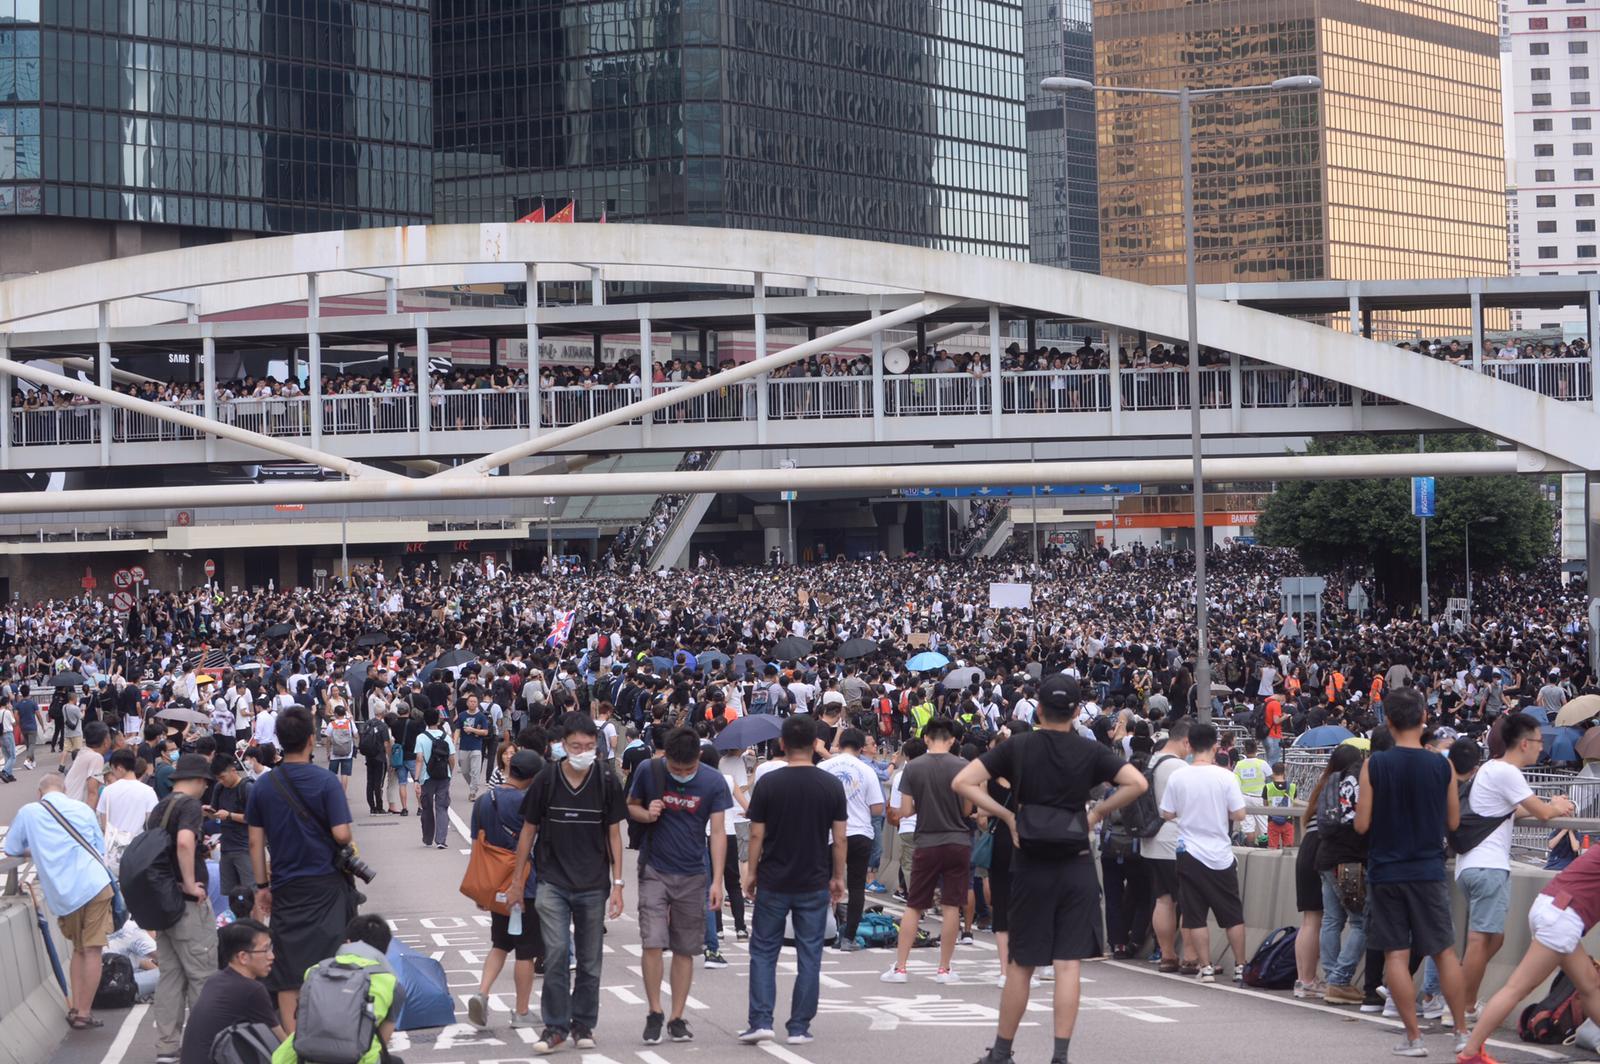 大批示威者佔據金鐘道路。